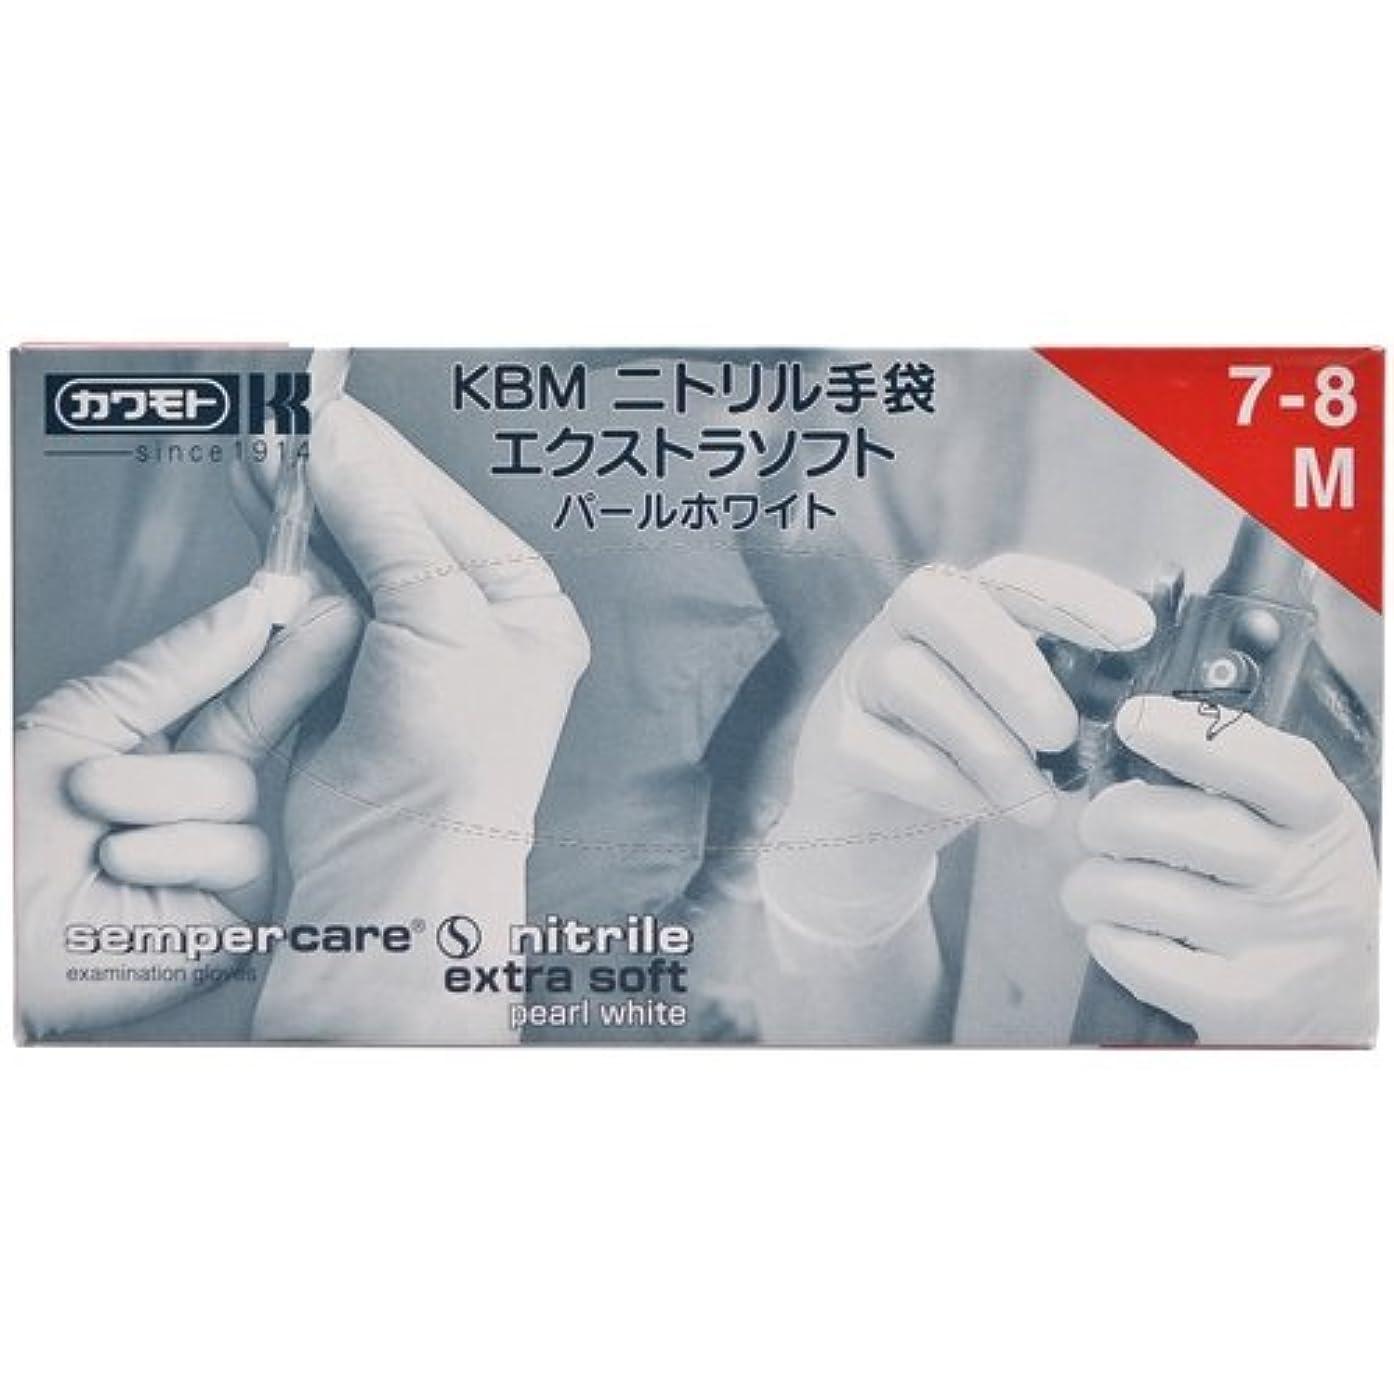 ホーム宗教的なセーブKBMニトリル手袋 パールホワイト M 200枚入